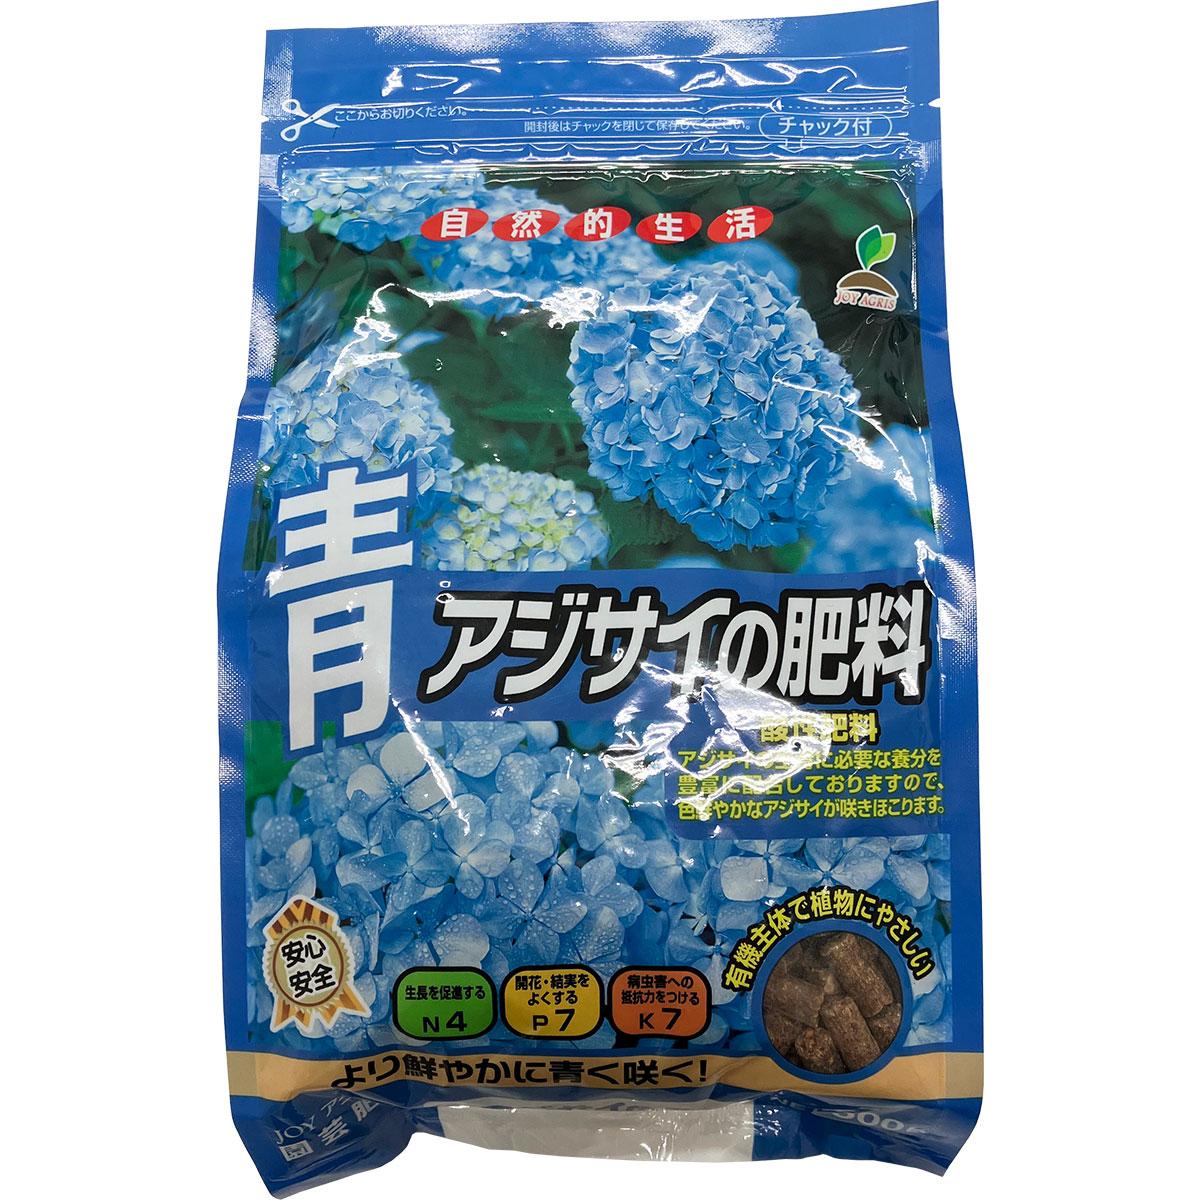 お洒落 より鮮やかに青く咲く 肥料 定番キャンバス アジサイ 青 JOYアグリス 青アジサイの肥料 500g